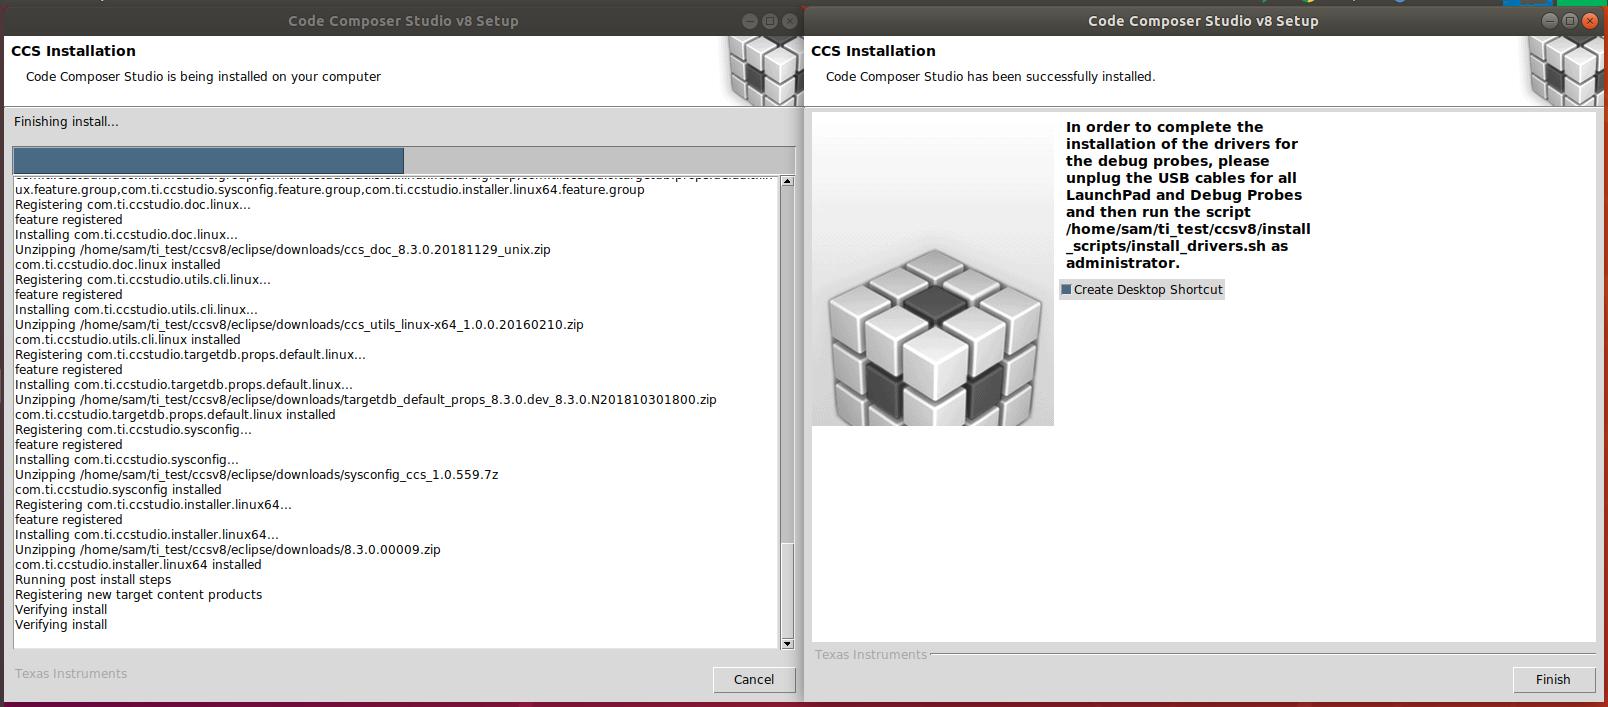 CCS: Cannot install CCS 8 3 0 on Ubuntu 18 04 1 - Code